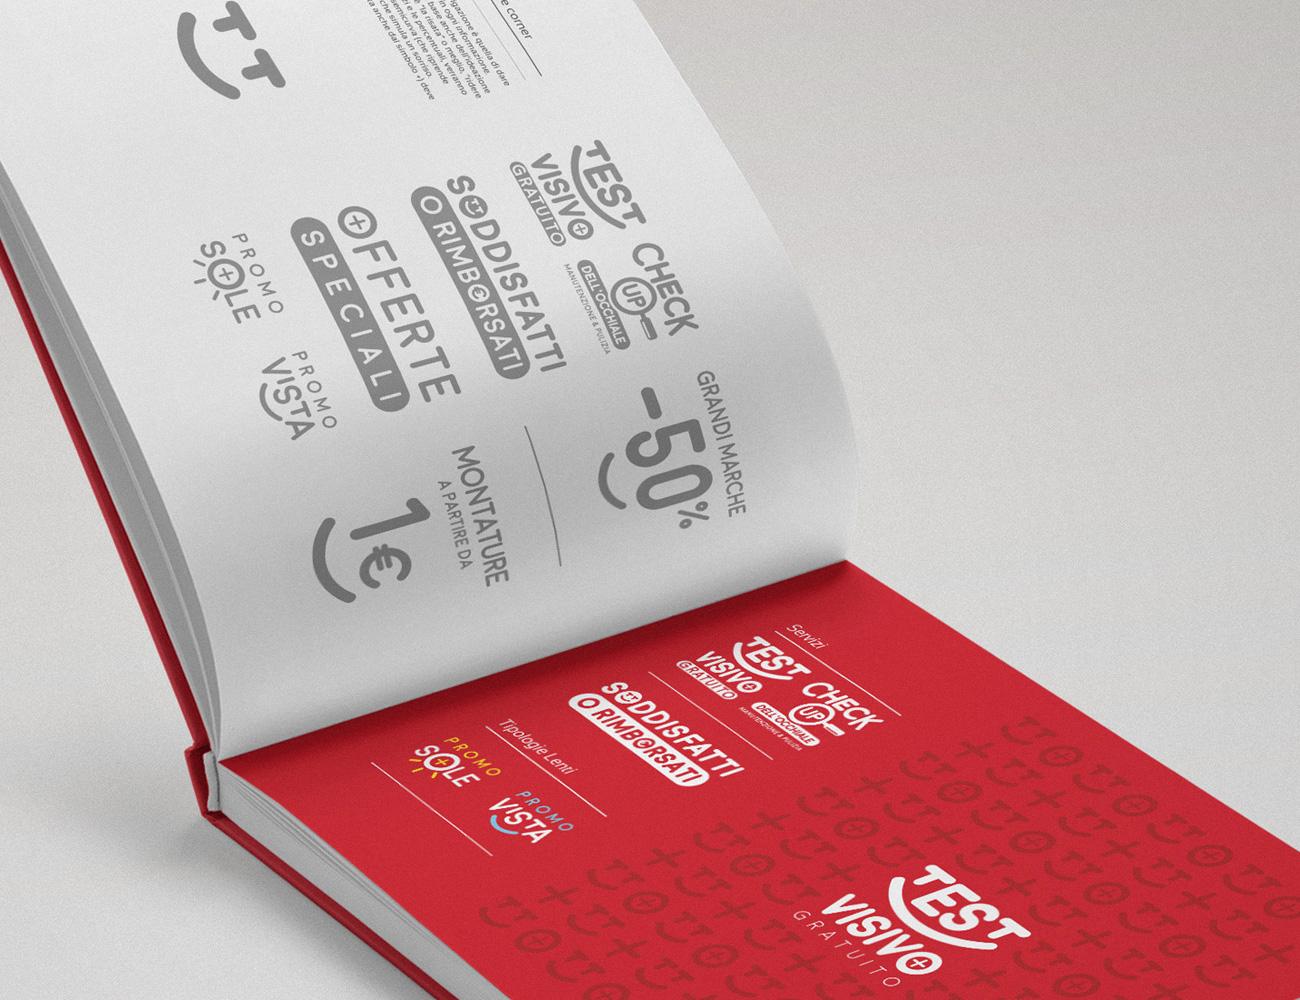 creazione-marchio-icone-occhiali-sole-vista-logo-ottica-piu-dove-risparmi-di-piu-simone-roveda-digit81-02